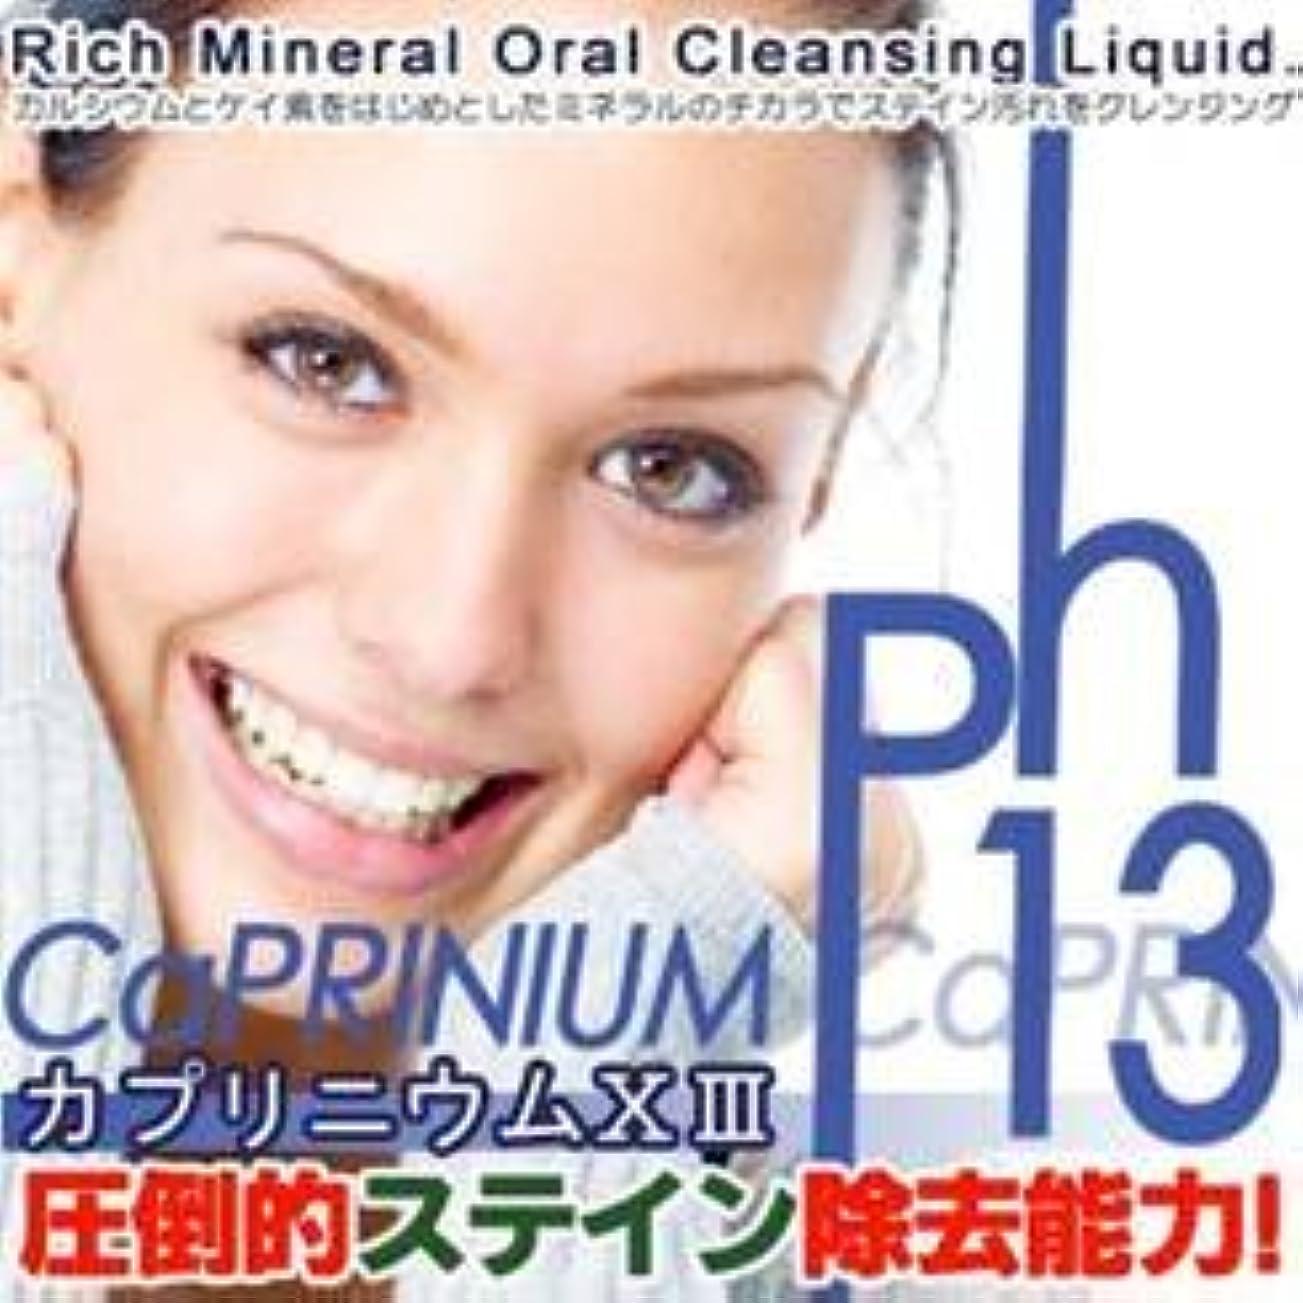 エンゲージメントトーナメントリルカプリニウムサーティーンジェル1個入(10日分) 電動歯ブラシ対応歯磨きジェル